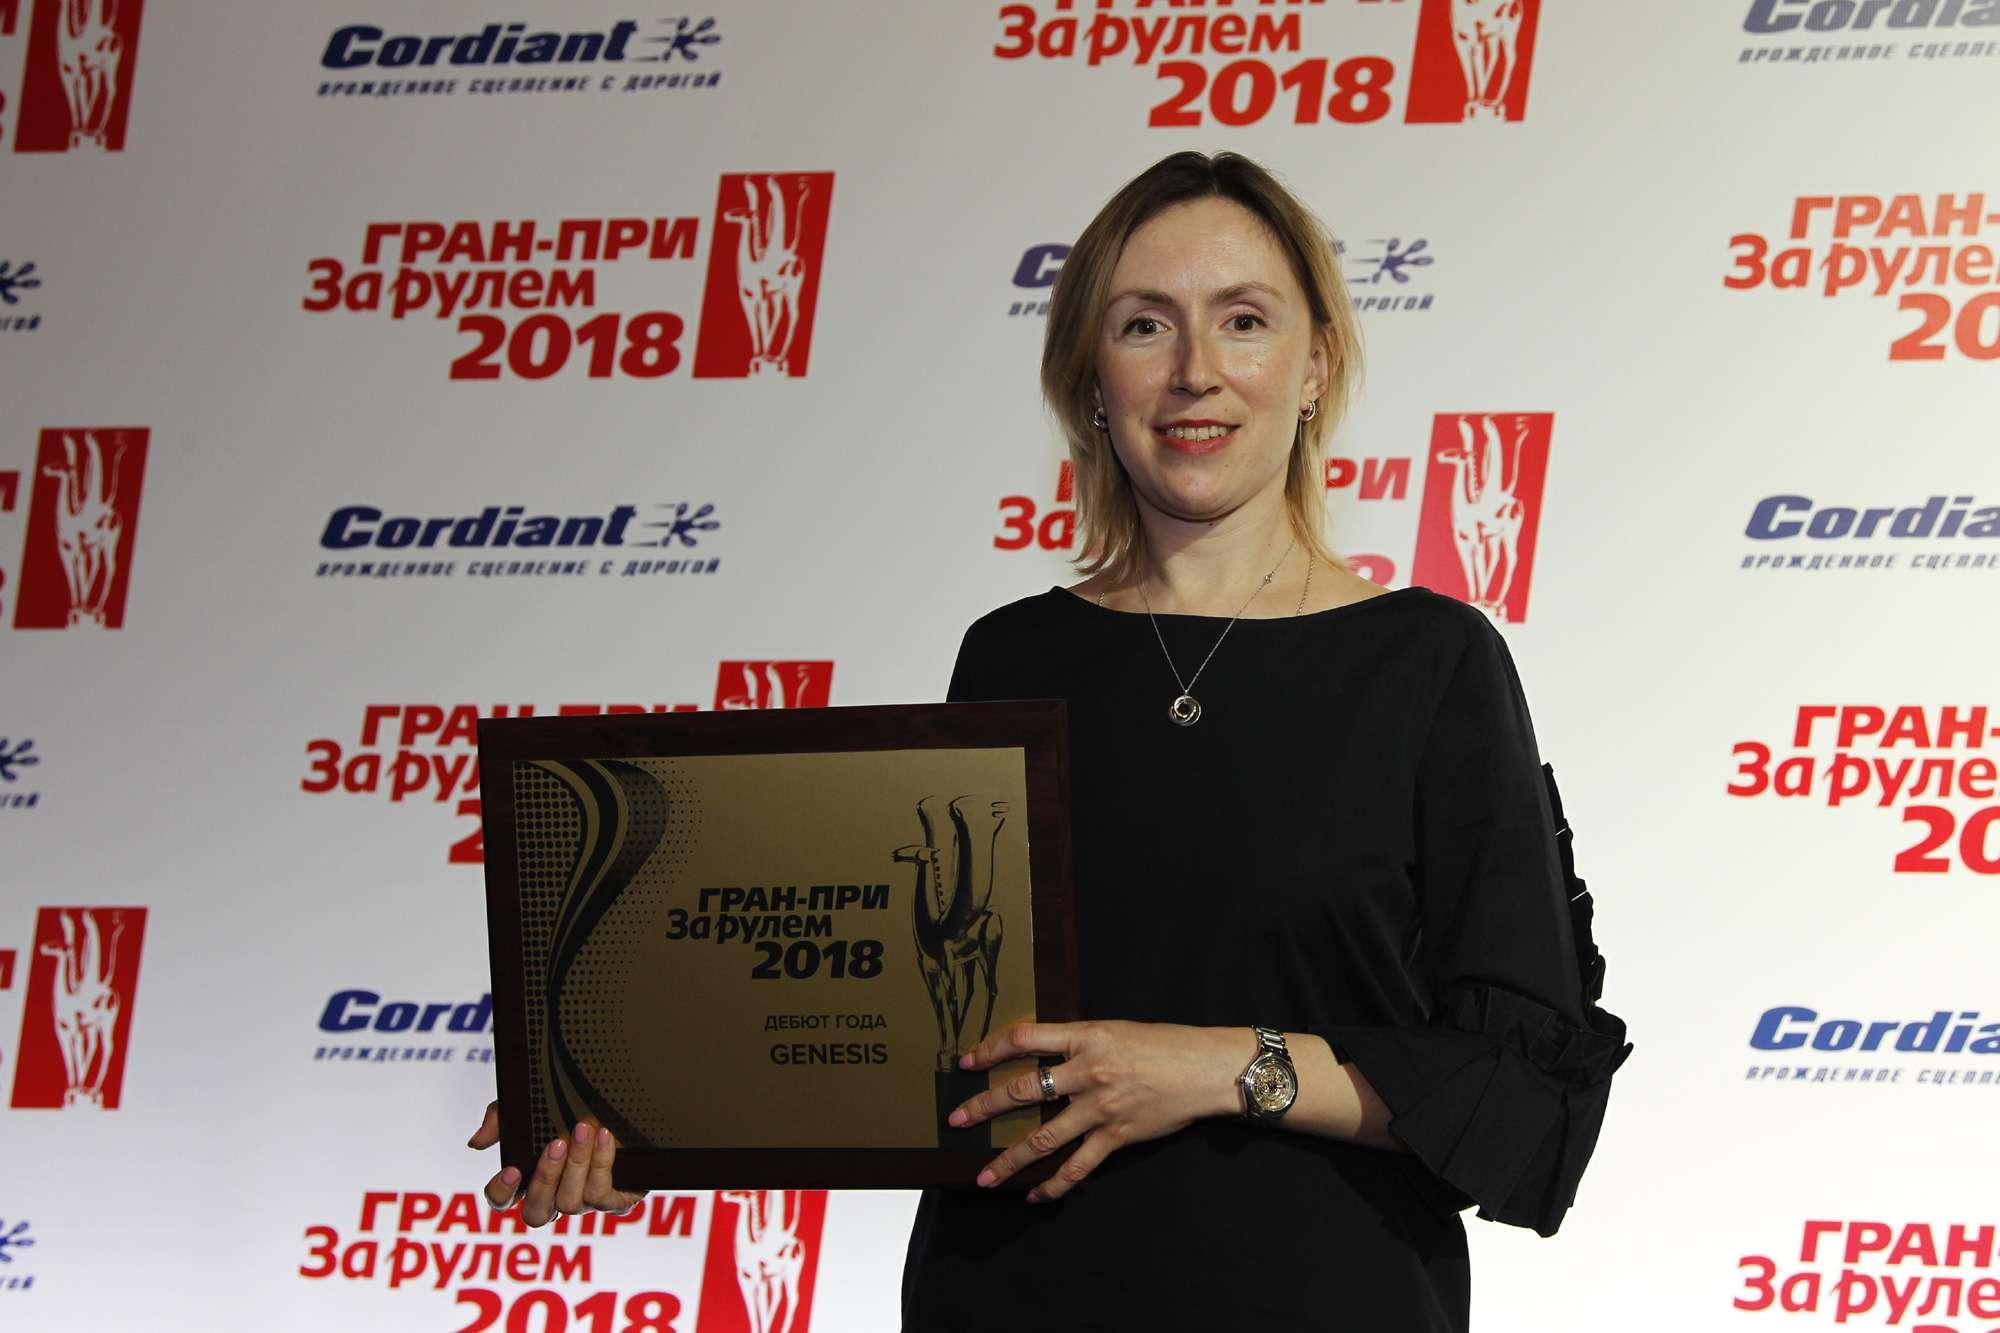 Гран-при «Зарулем»: названы лучшие автоновинки икомпании 2017 года— фото 856032